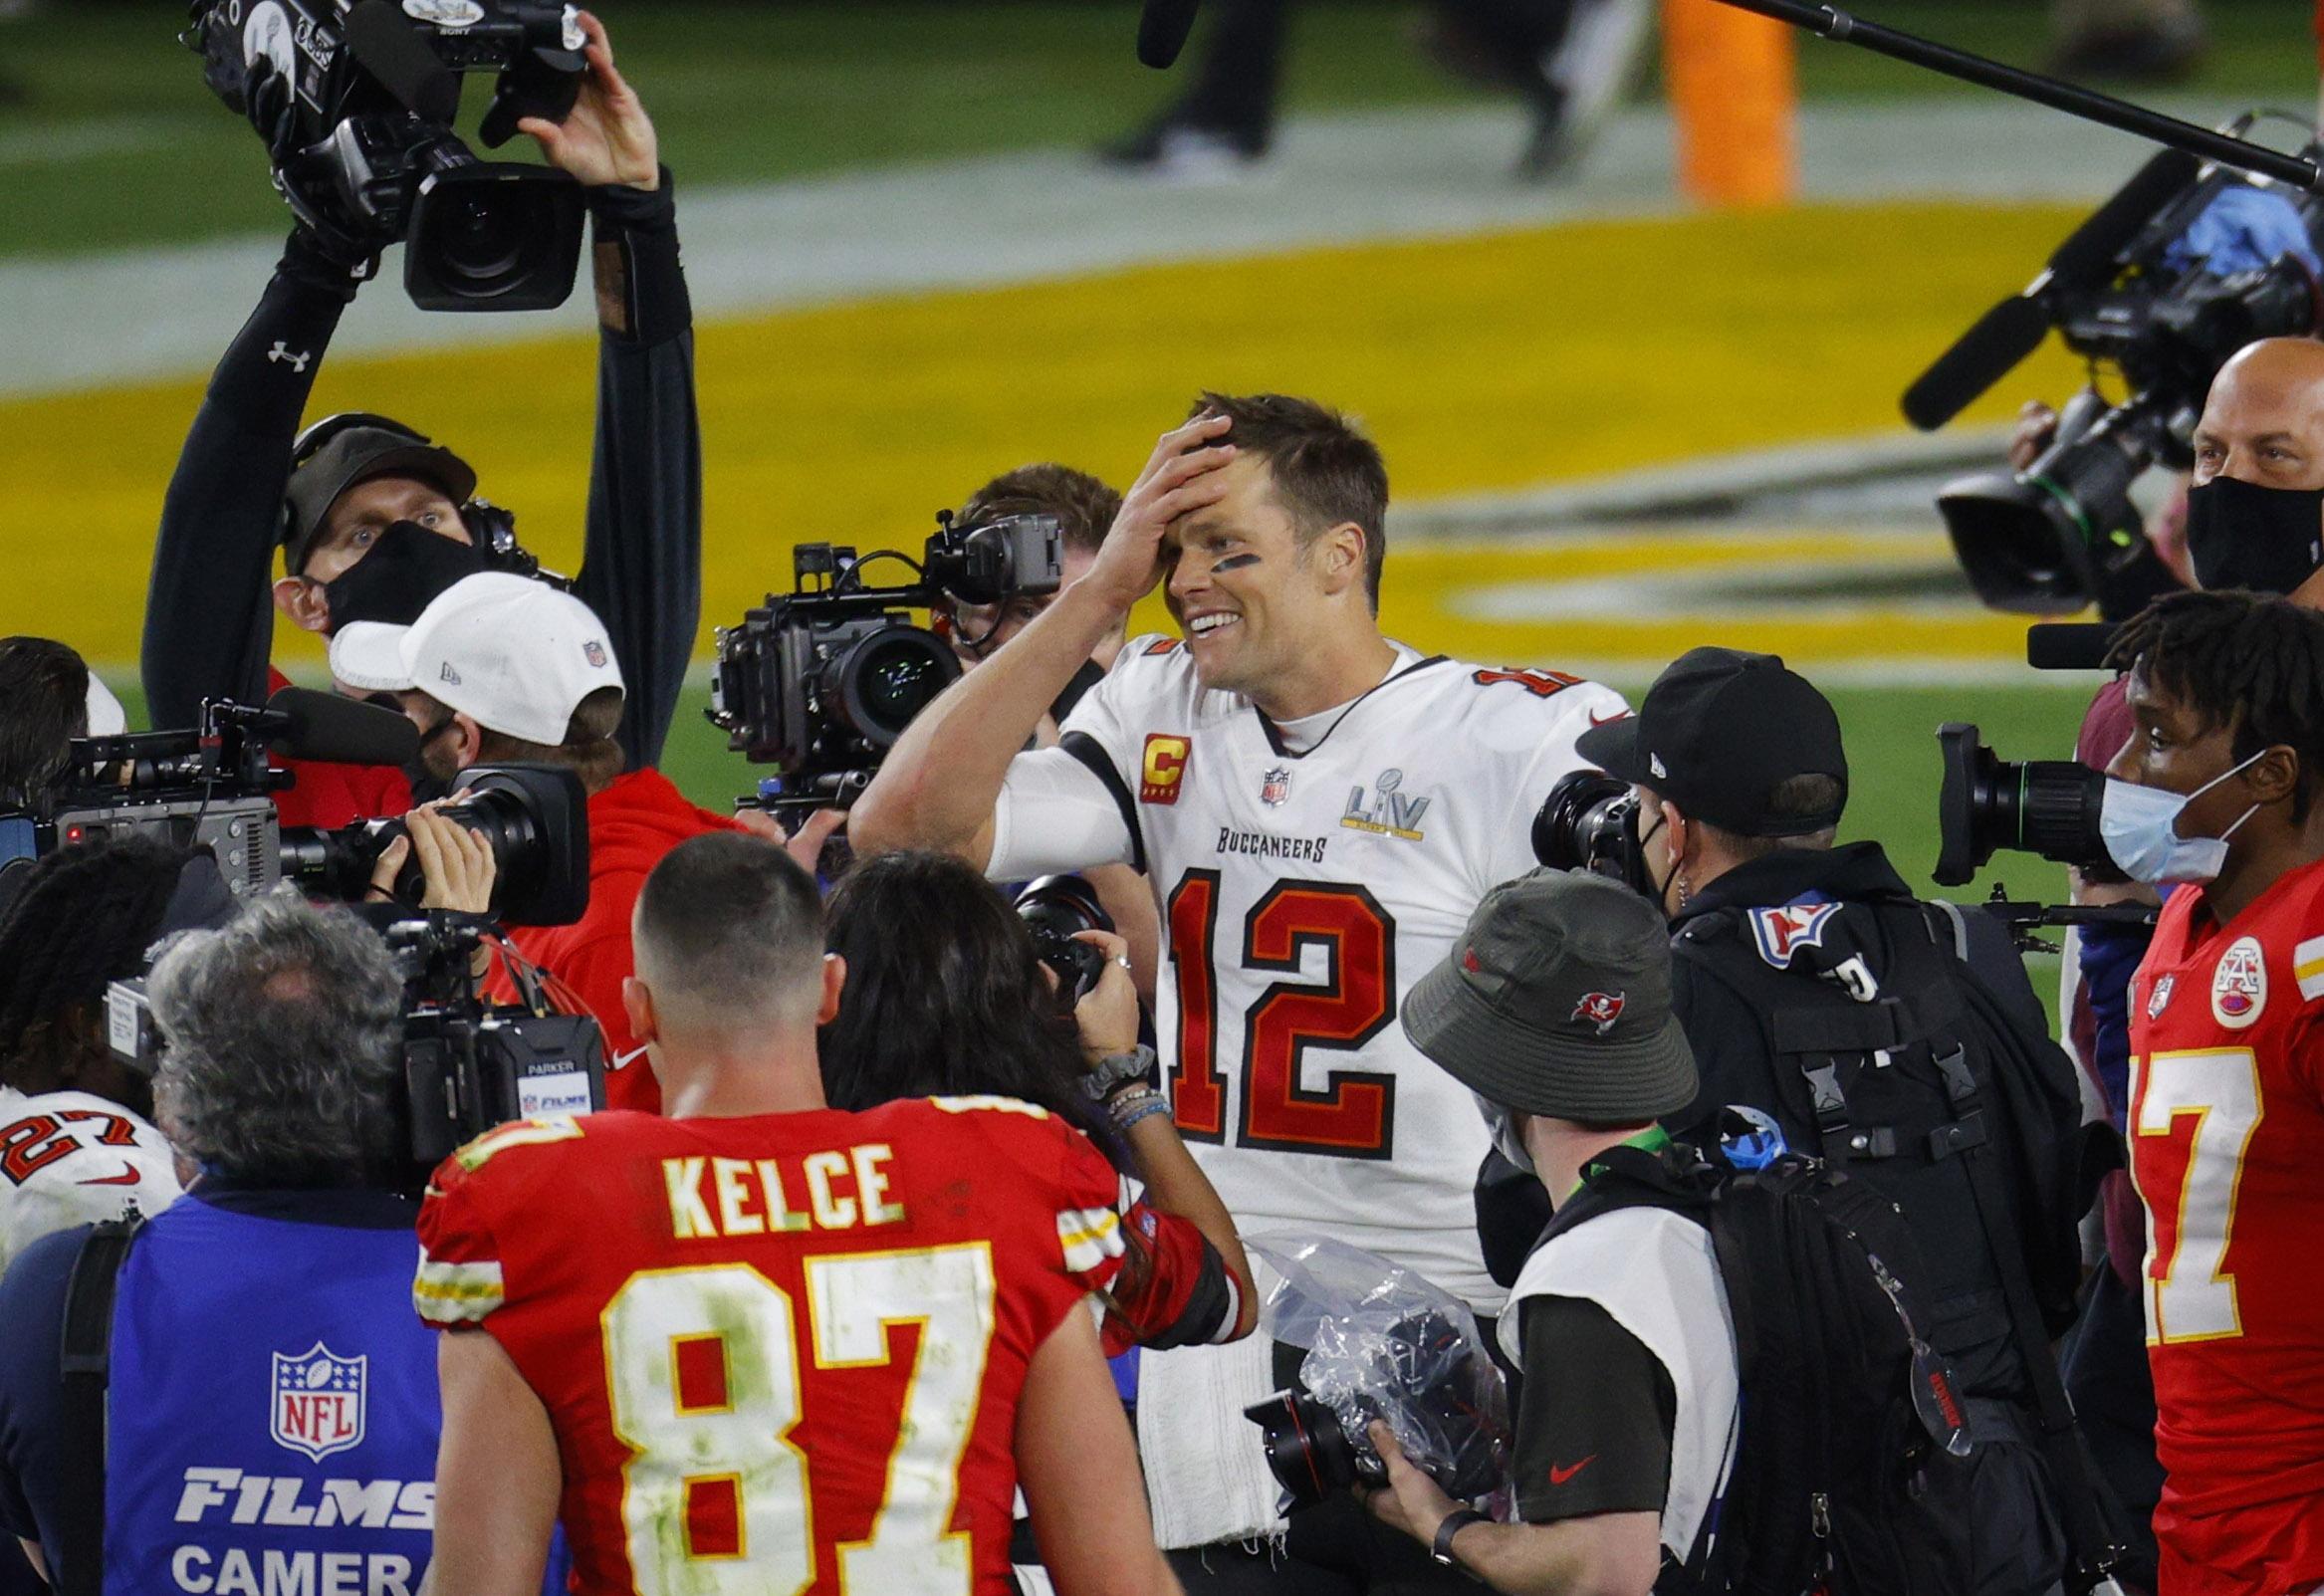 Brady sigue estando a la altura y ya tiene siete anillos de campeón